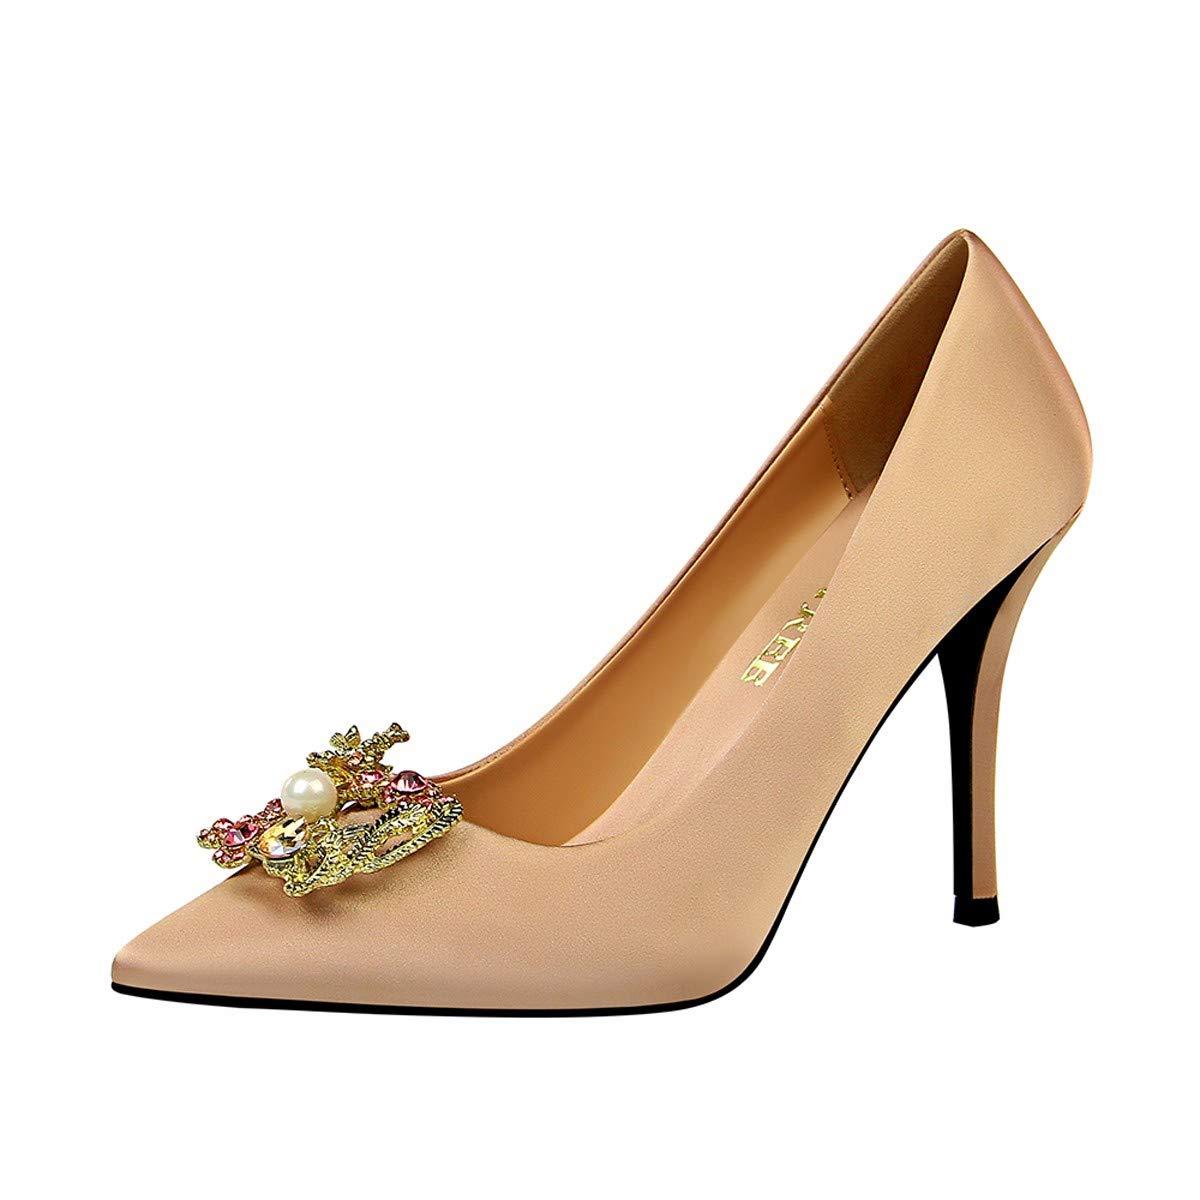 HBDLH Damenschuhe Mode Eleganz Heel 10Cm Bankett - Schuhe Seide Und Satin Flachen Mund Spitze Metall Perlen Wasser Läuft Schnallen Einzelne Schuhe